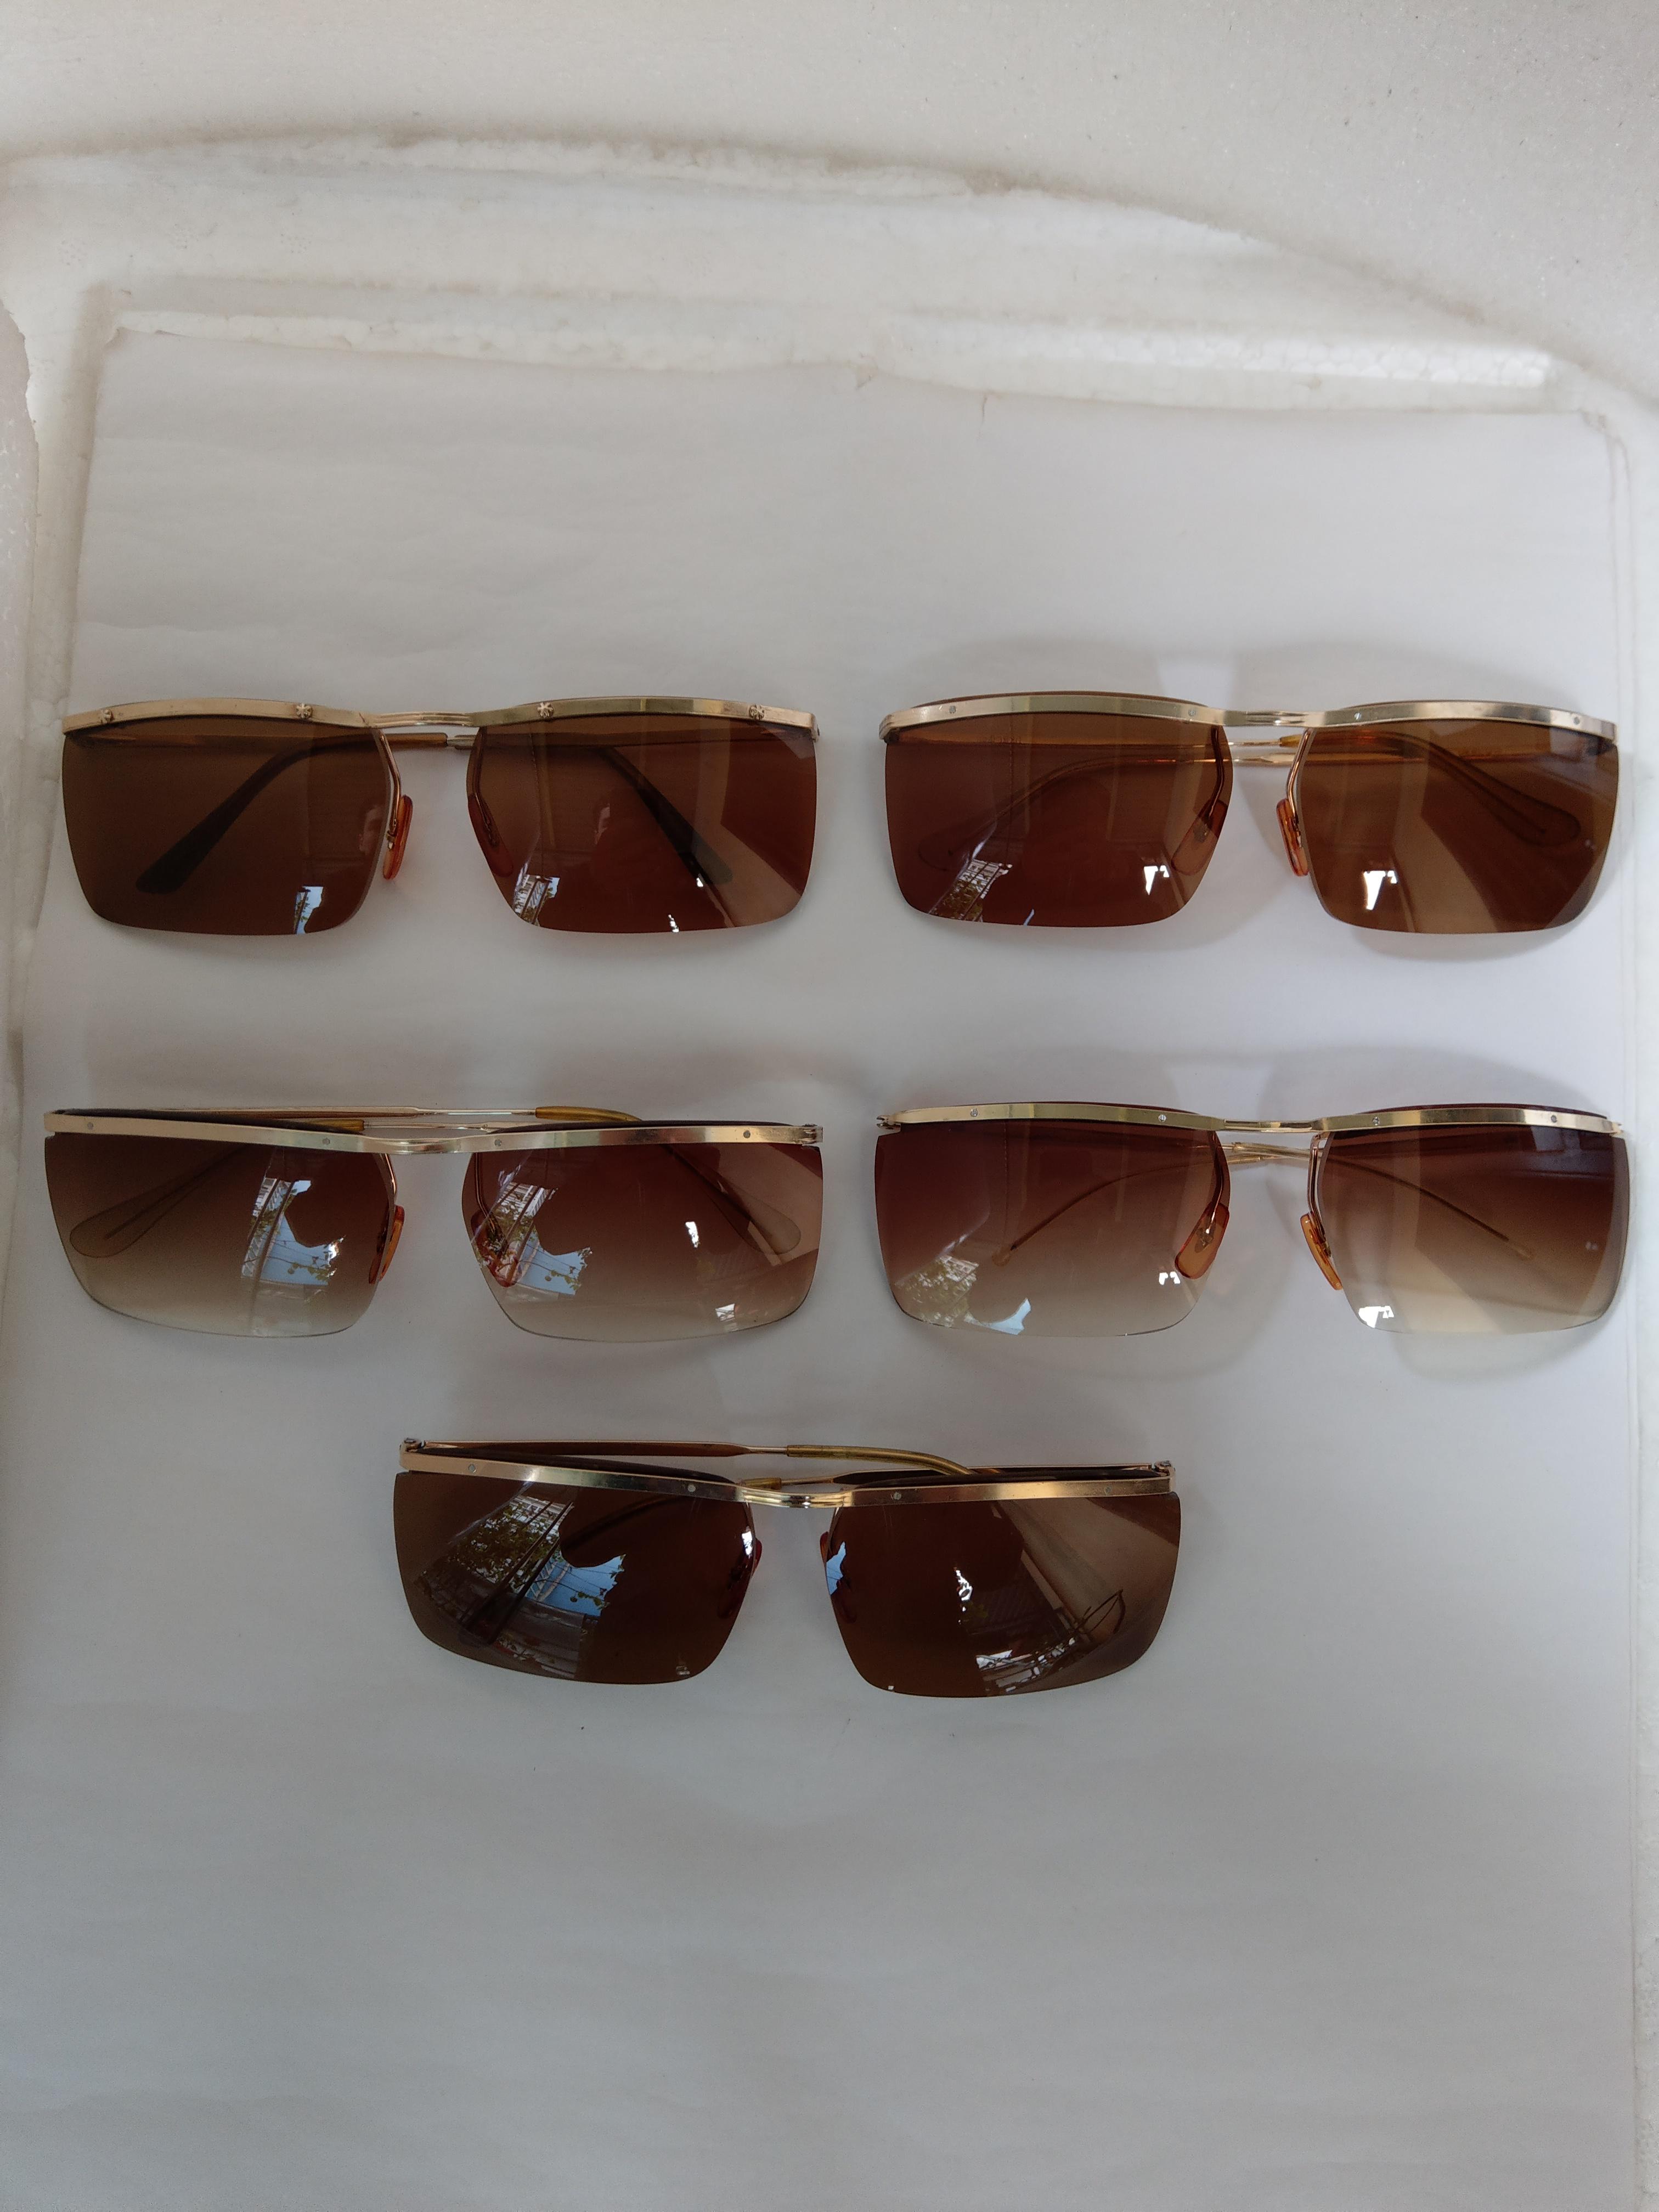 5 5 cái kính cổ  bọc vàng mới về có đầy đủ các thương hiệu nổi tiếng trên toàn thế giới.